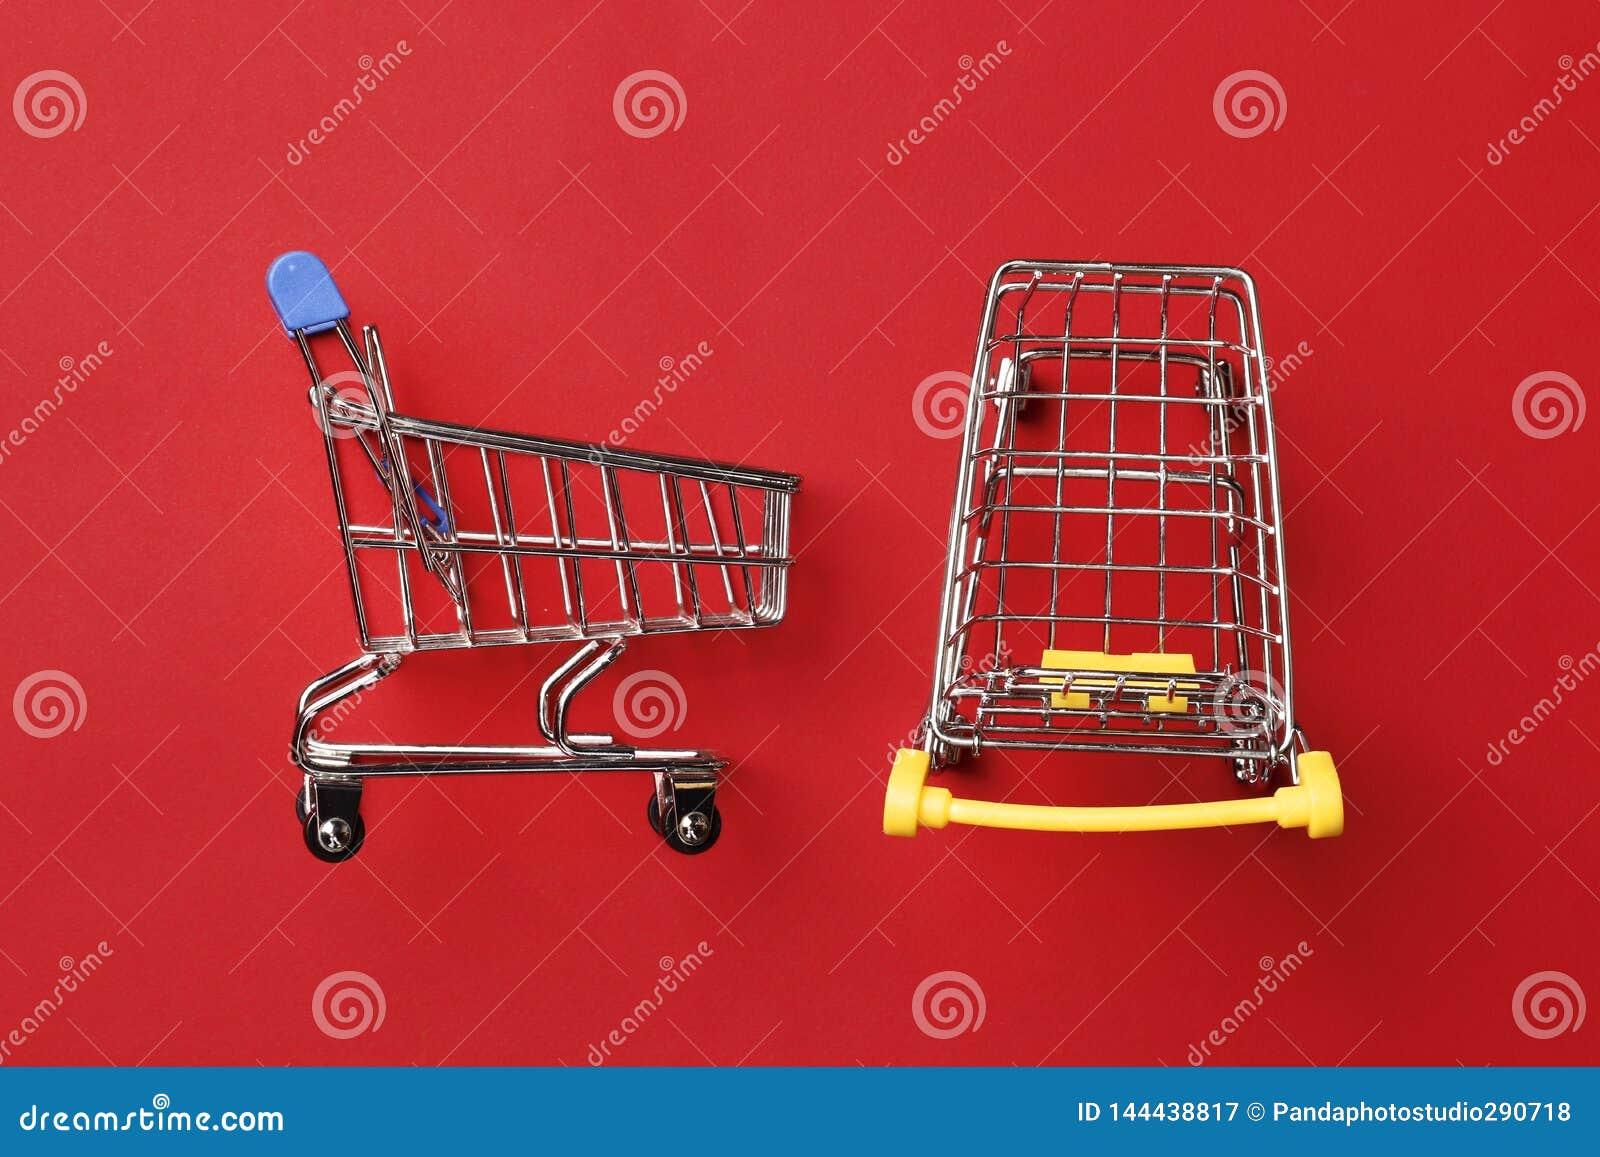 Wózek na zakupy na czerwonym tle